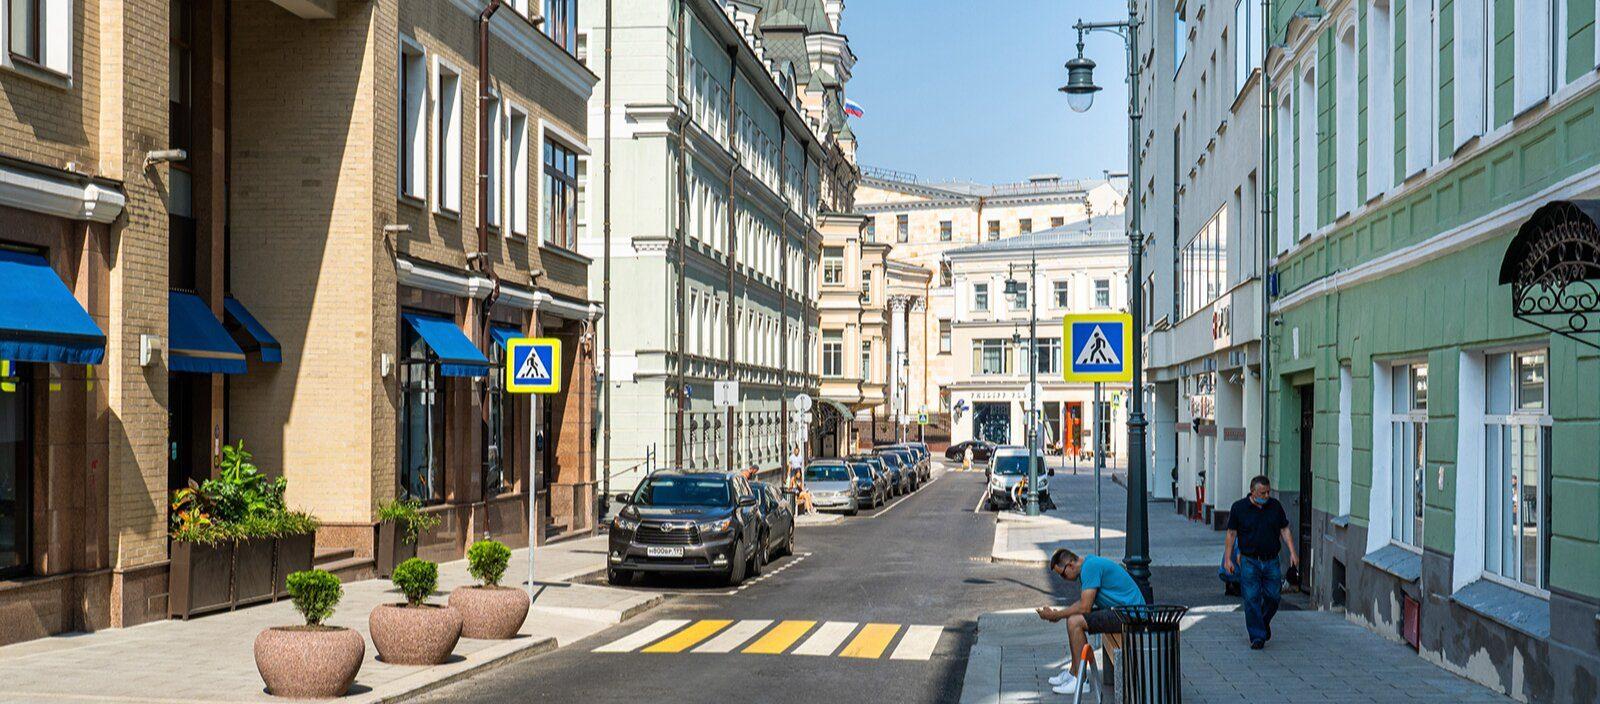 Новый пешеходный маршрут появился в Тверском районе. Фото: сайт мэра Москвы